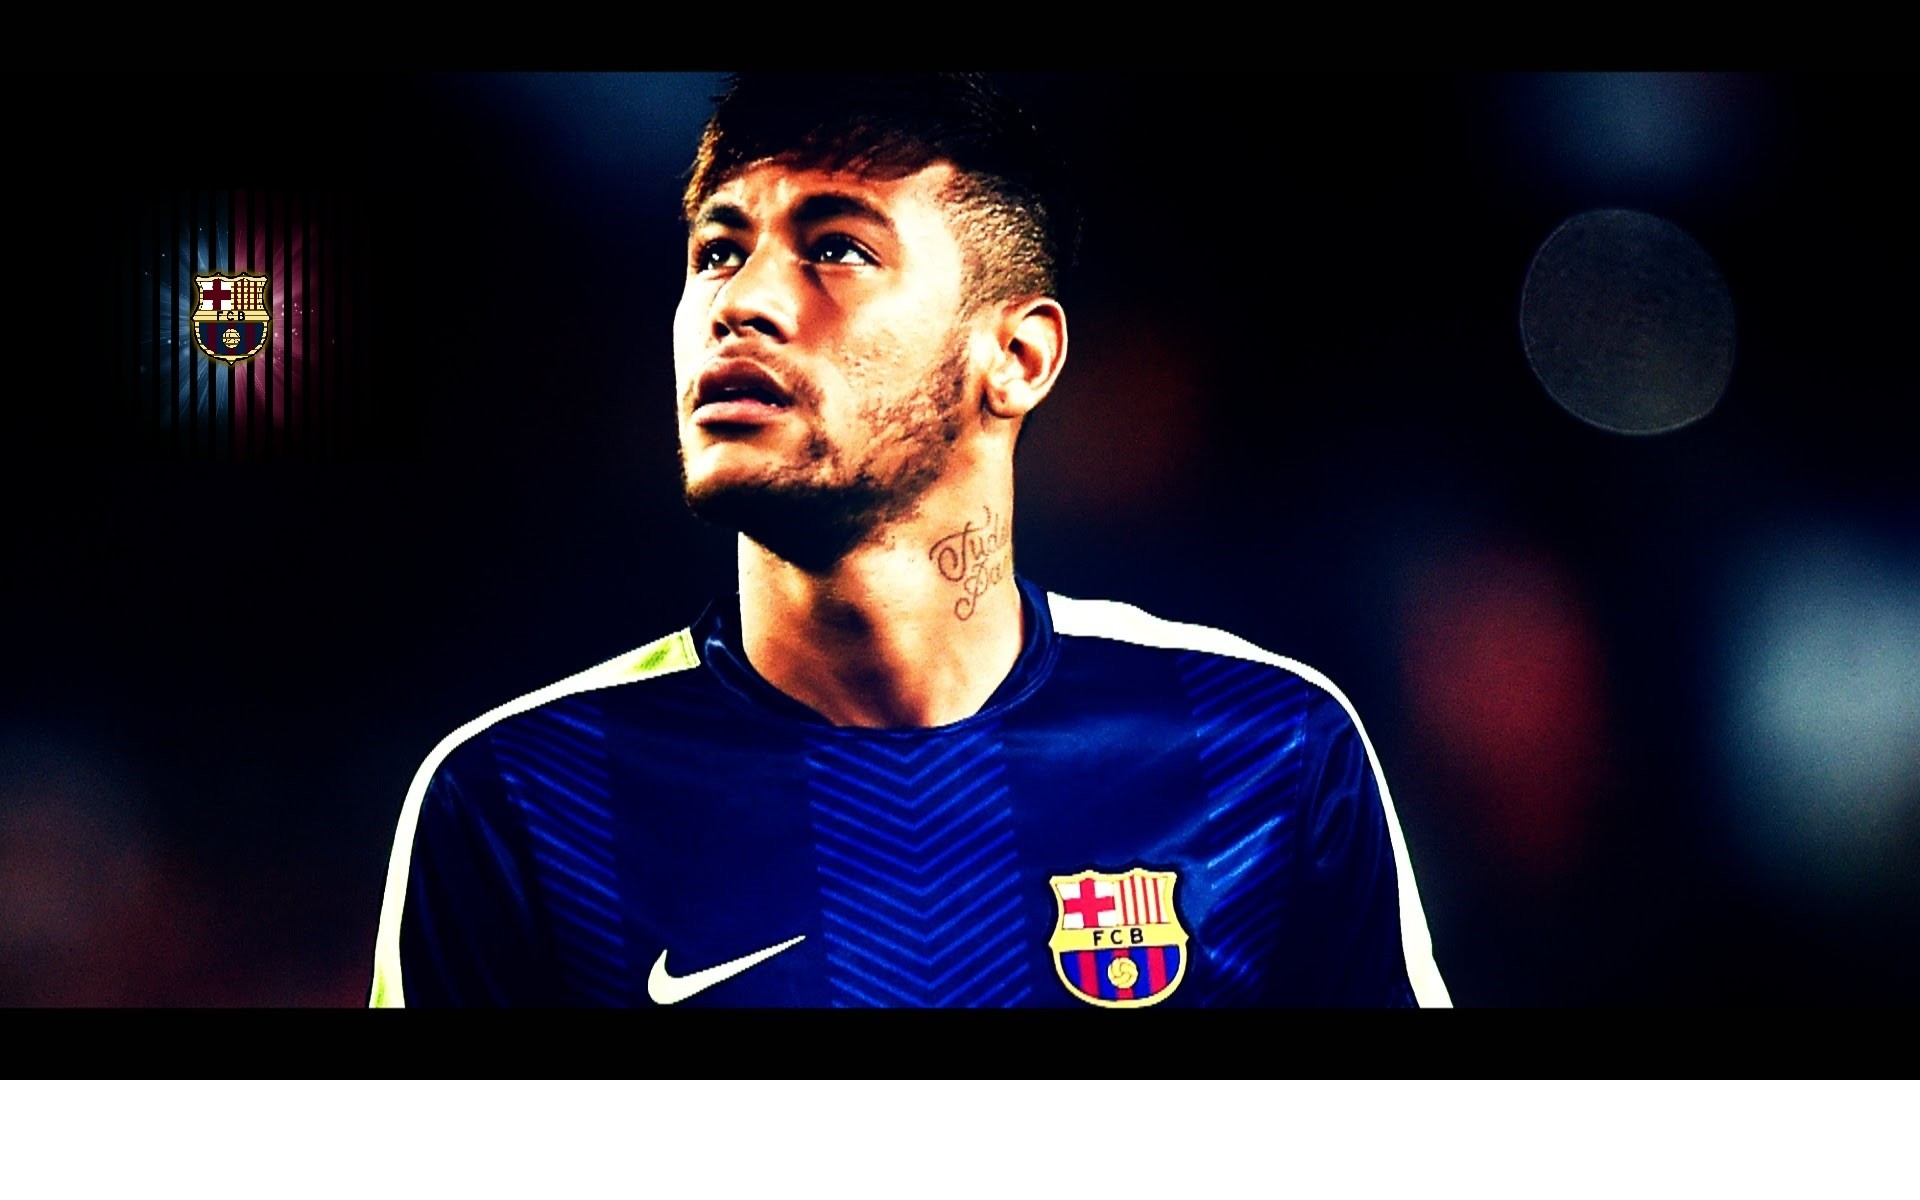 Neymar Hd Wallpapers 2016